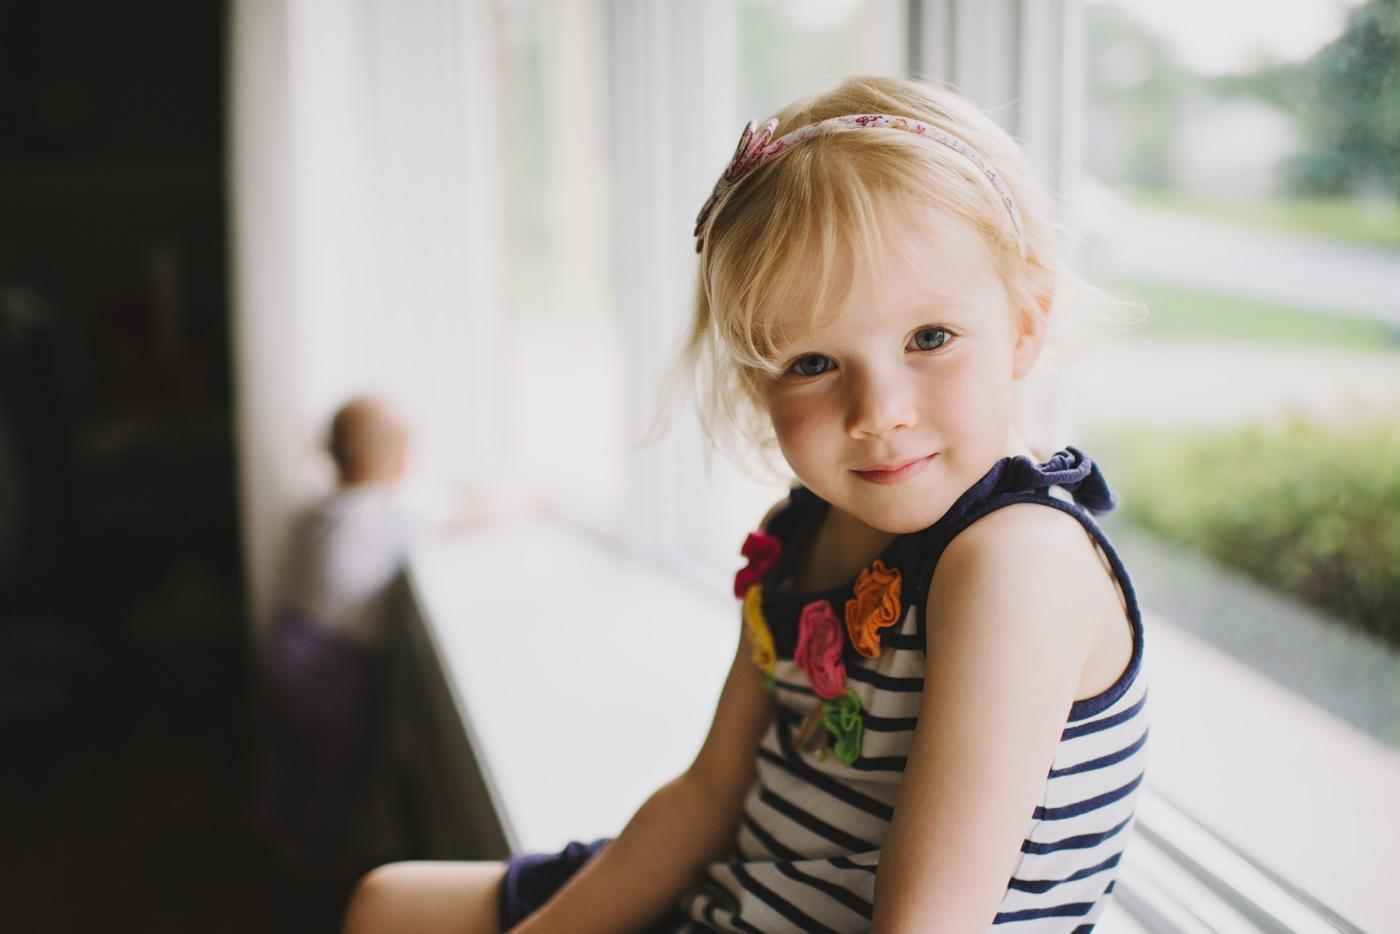 Little girl portrait by window